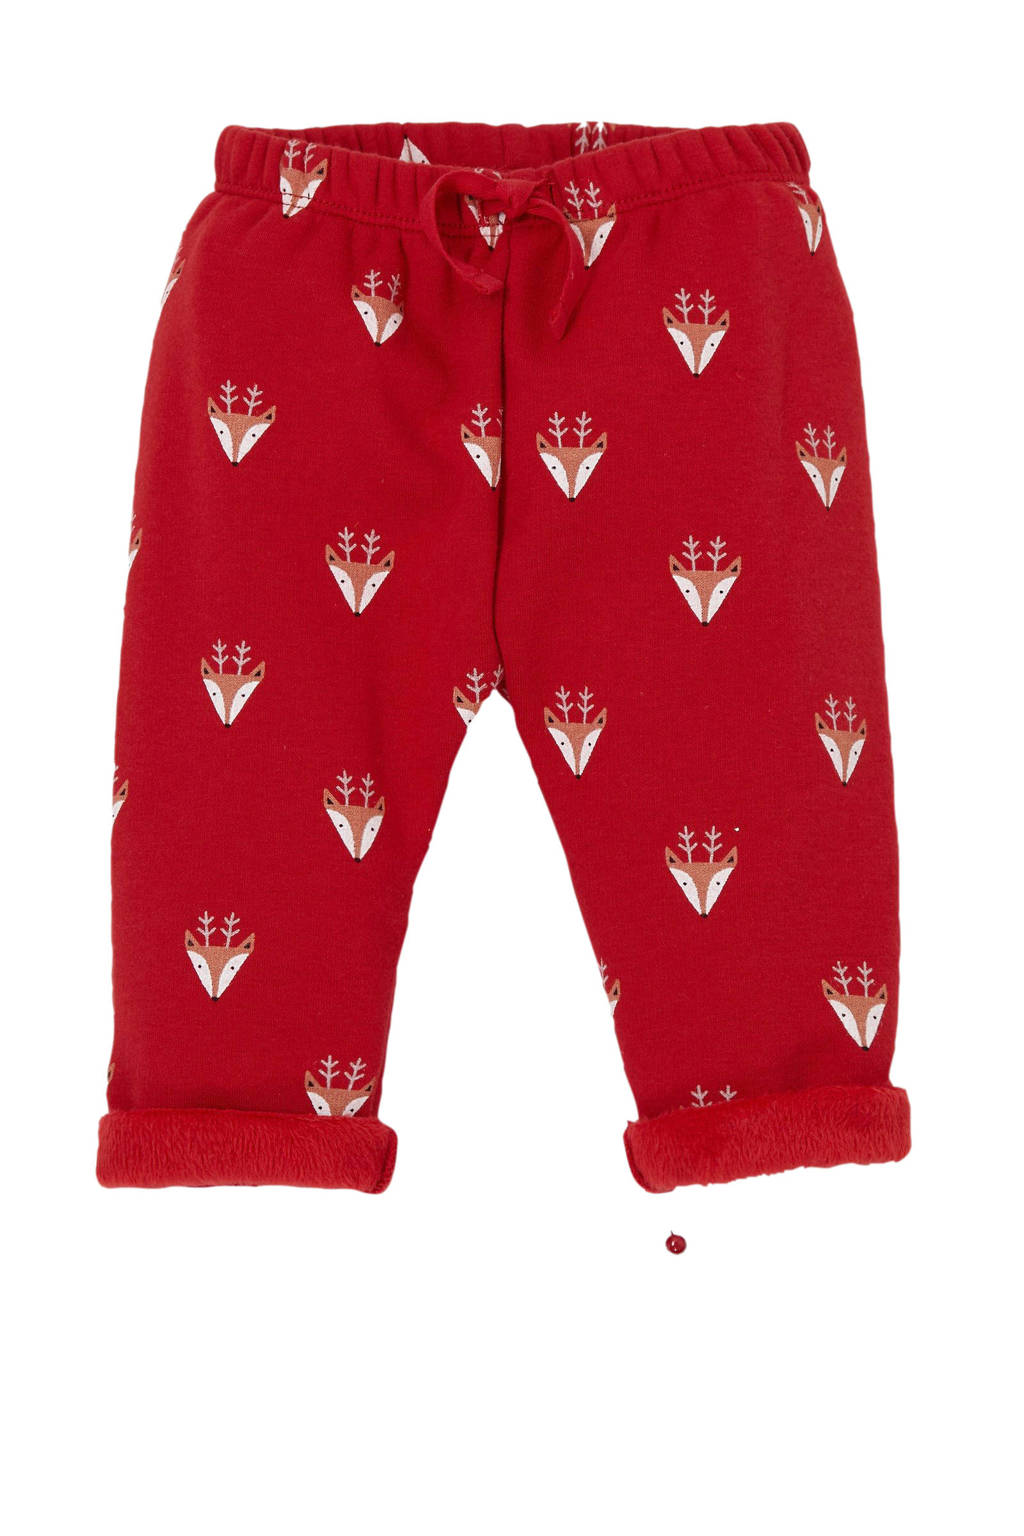 GAP baby kerstbroek met all over print rood, Rood